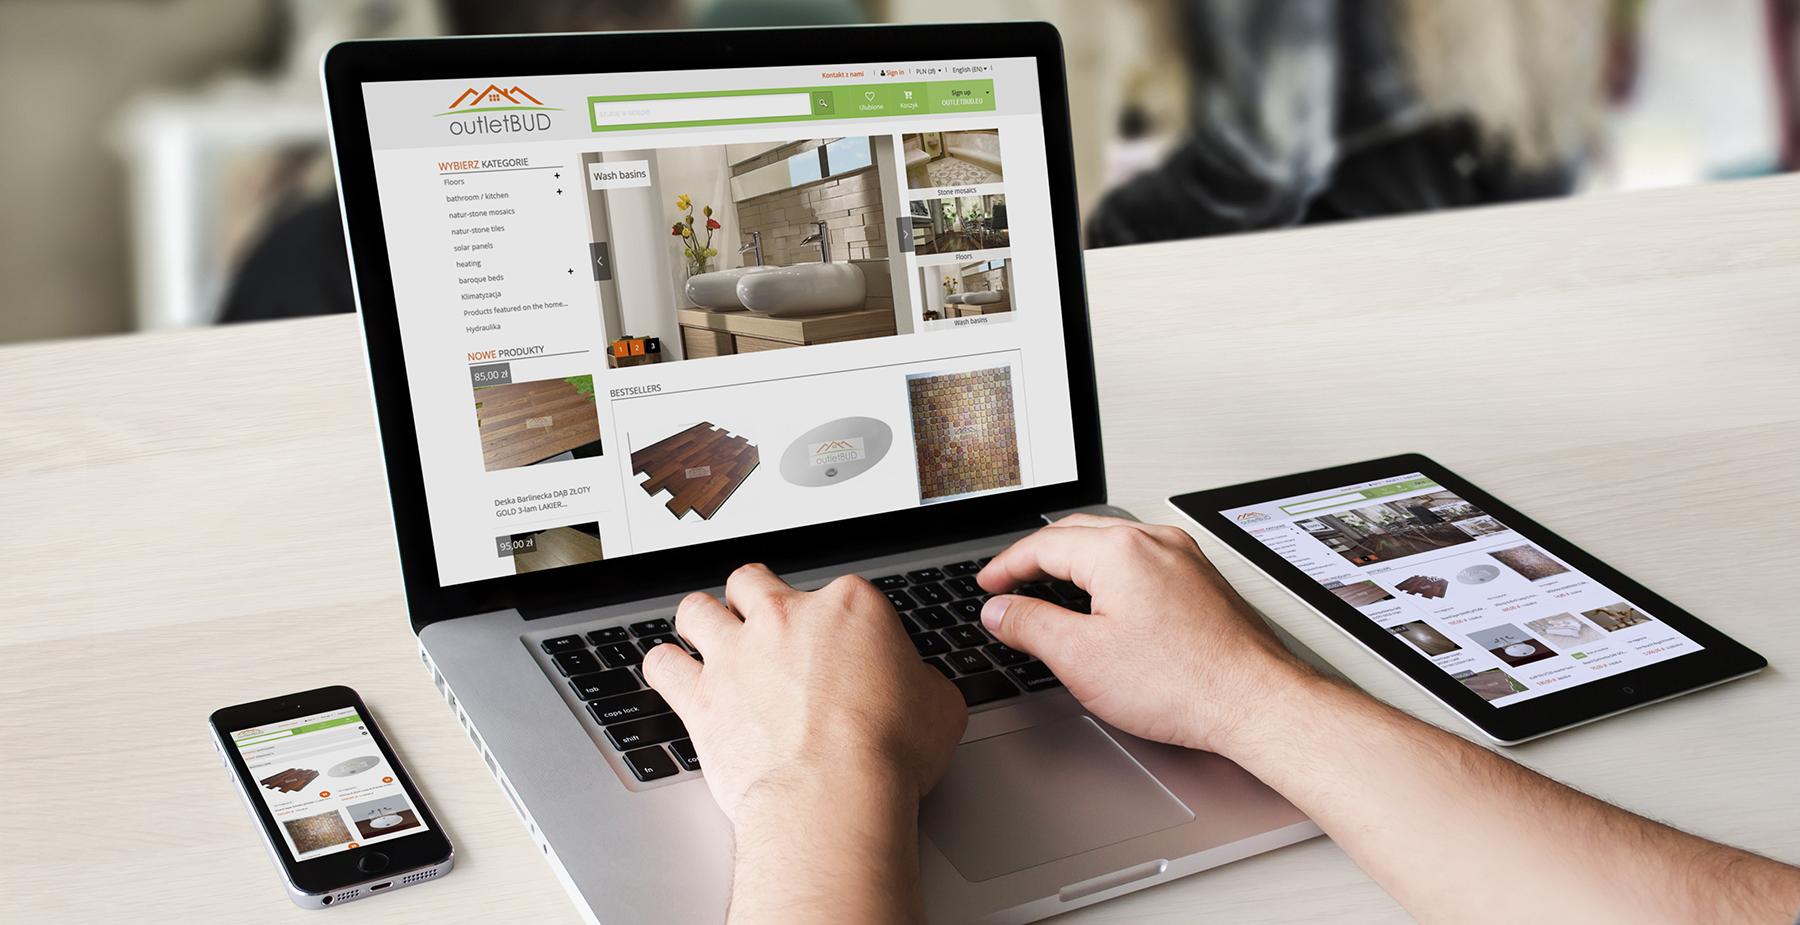 obsługa sklepu internetowego dla outletbud